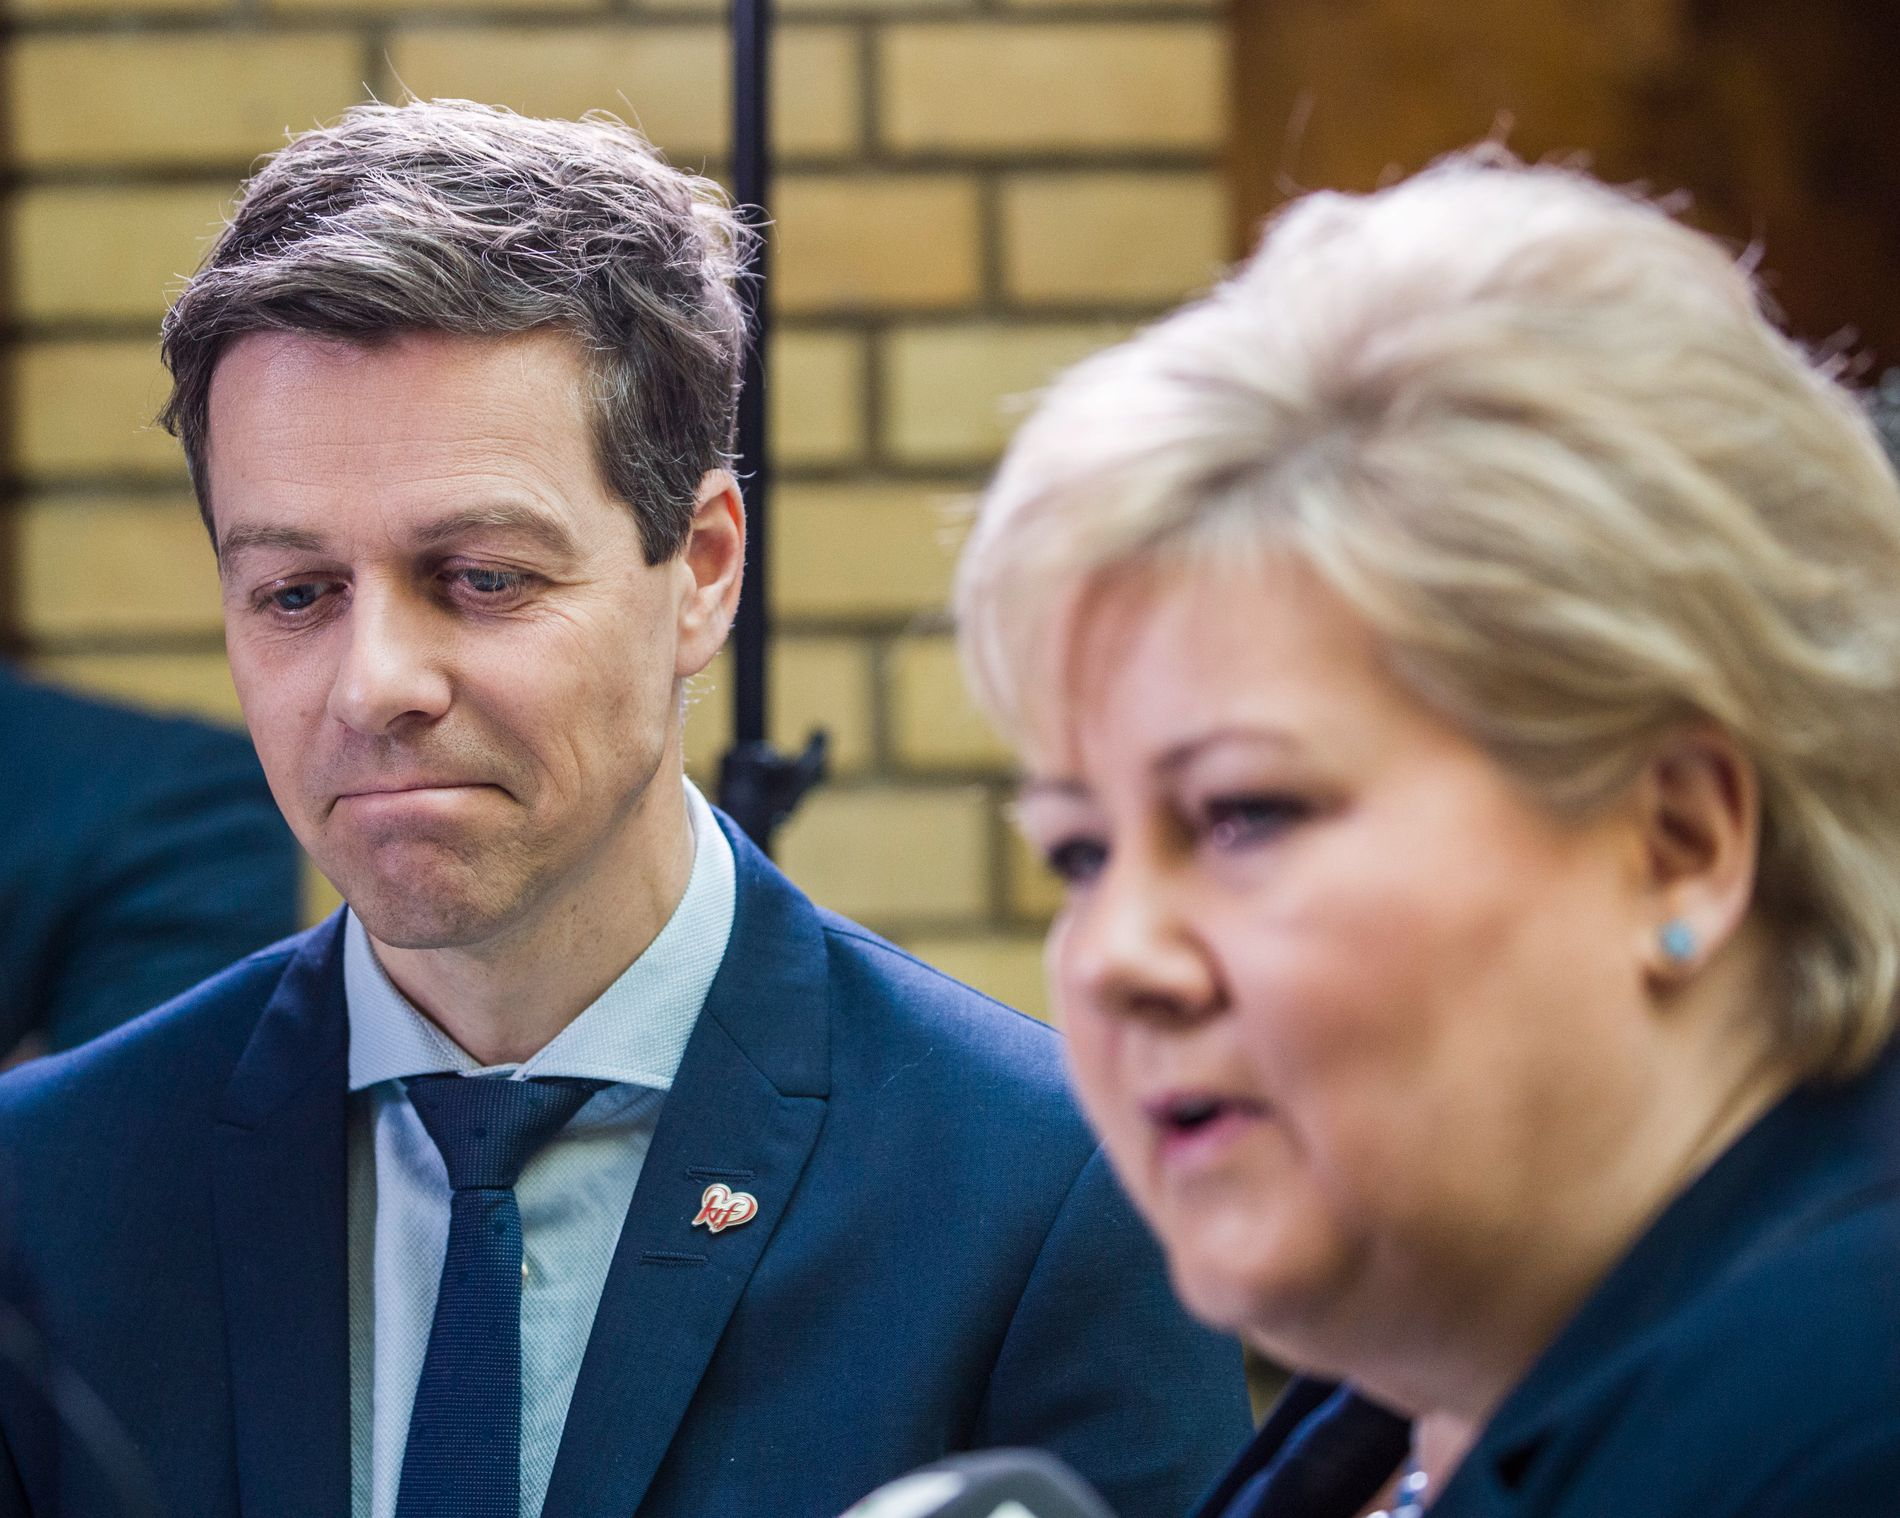 ENIGE NESTEN ALLTID: KrF og Knut Arild Hareide stemmer med Erna Solberg (H) langt oftere enn han stemmer med Jonas Gahr Støre (Ap). Bildet er tatt den gangen de var kraftigst på kollisjonskurs, under behandlingen av mistillitsforslaget mot Sylvi Listhaug (Frp) i mars.